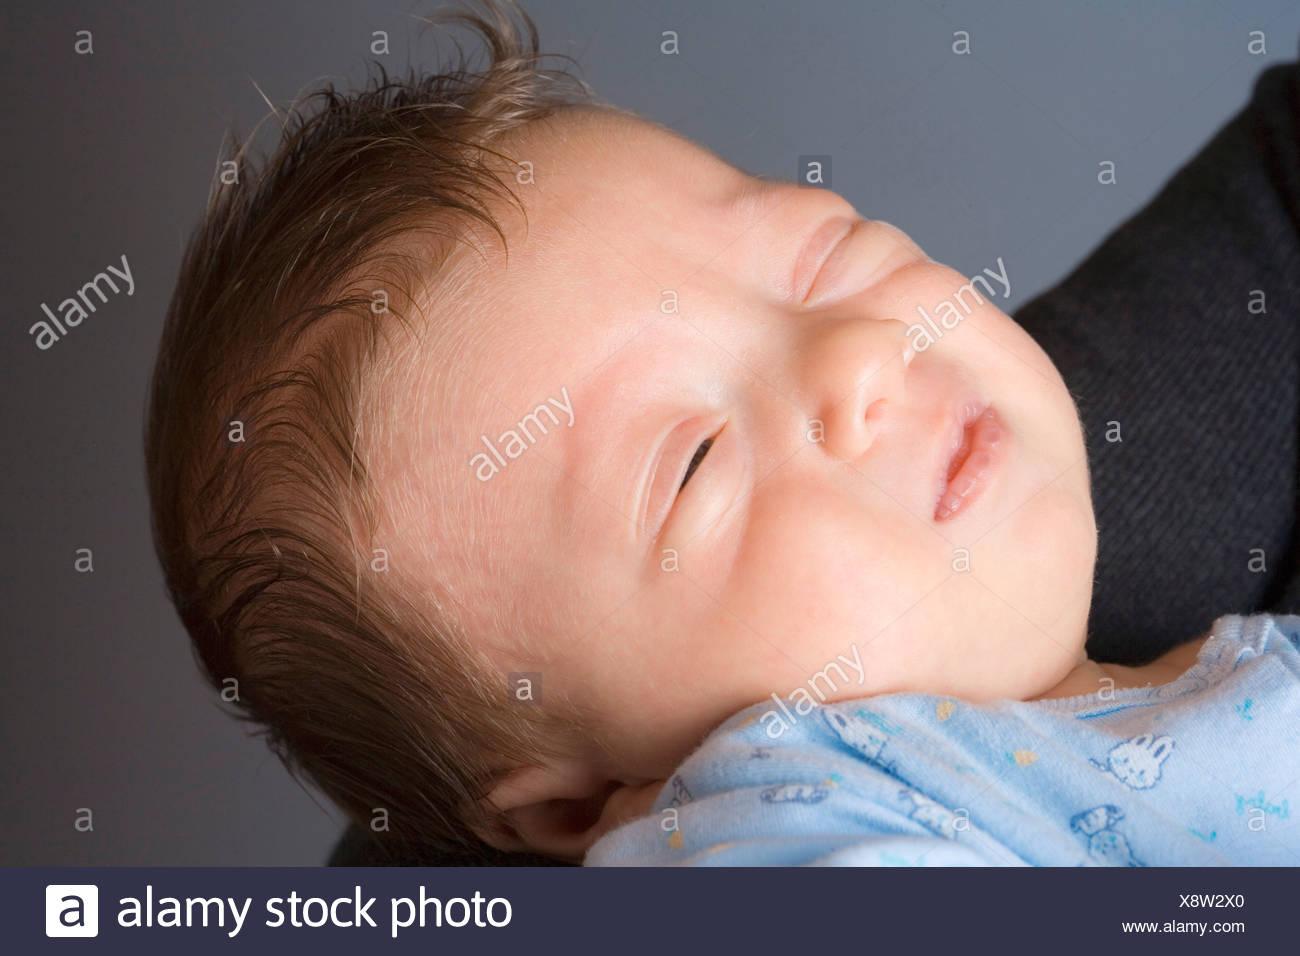 0-1 meses 1-6 meses 2 30-35 años 30s adult adult afecto en casa cuidando el cuidado del bebé Los bebés caucásicos Ch Imagen De Stock